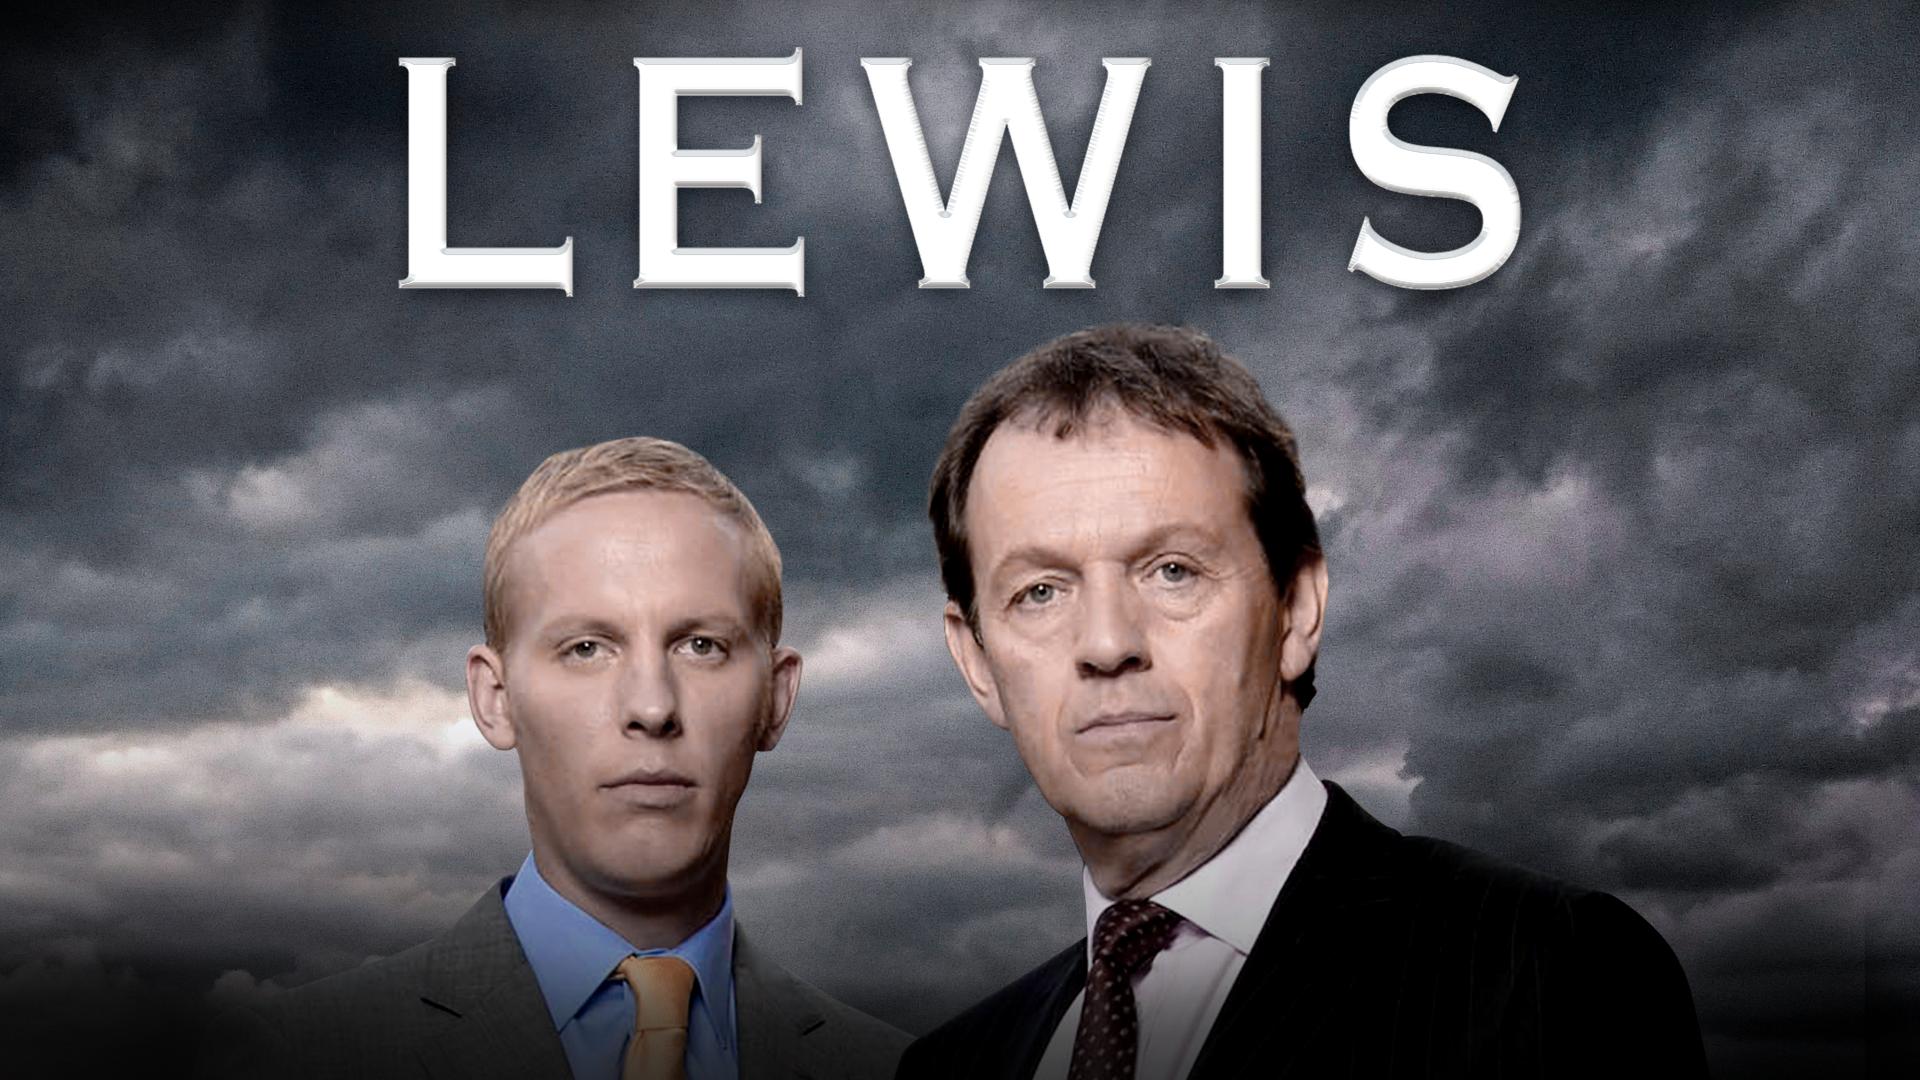 Lewis, Season 1